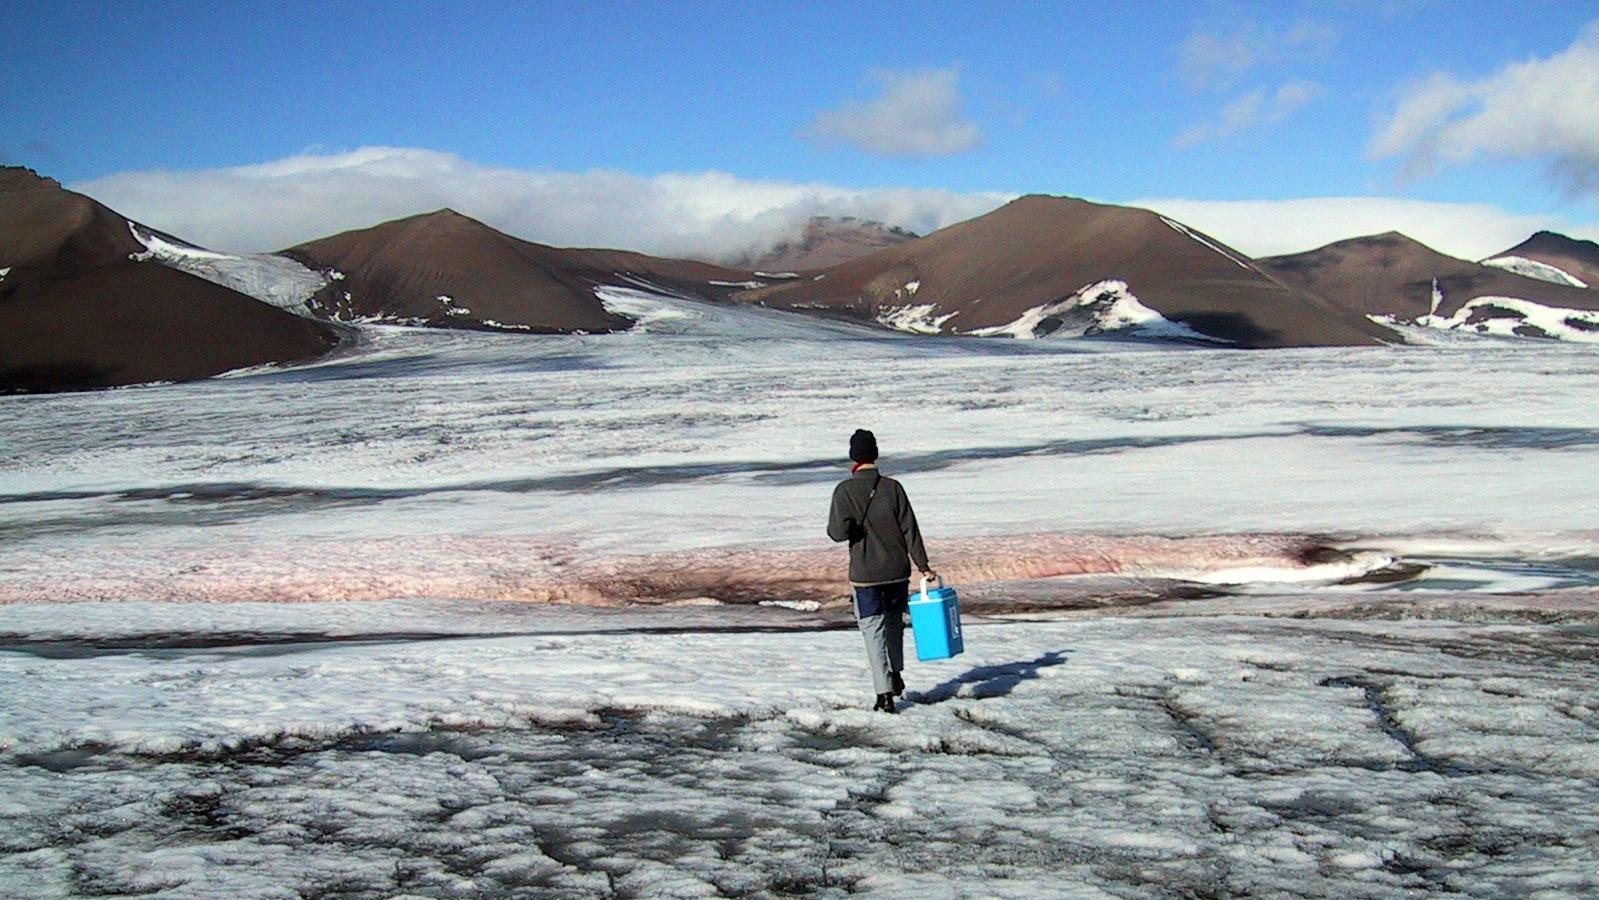 Alge des Jahres 2019: die blutrote Schneealge Chlamydomonas nivalis. Hier werden gerade auf dem Doktorbreen-Gletscher in Spitzbergen Proben der kälteliebenden Algen genommen.